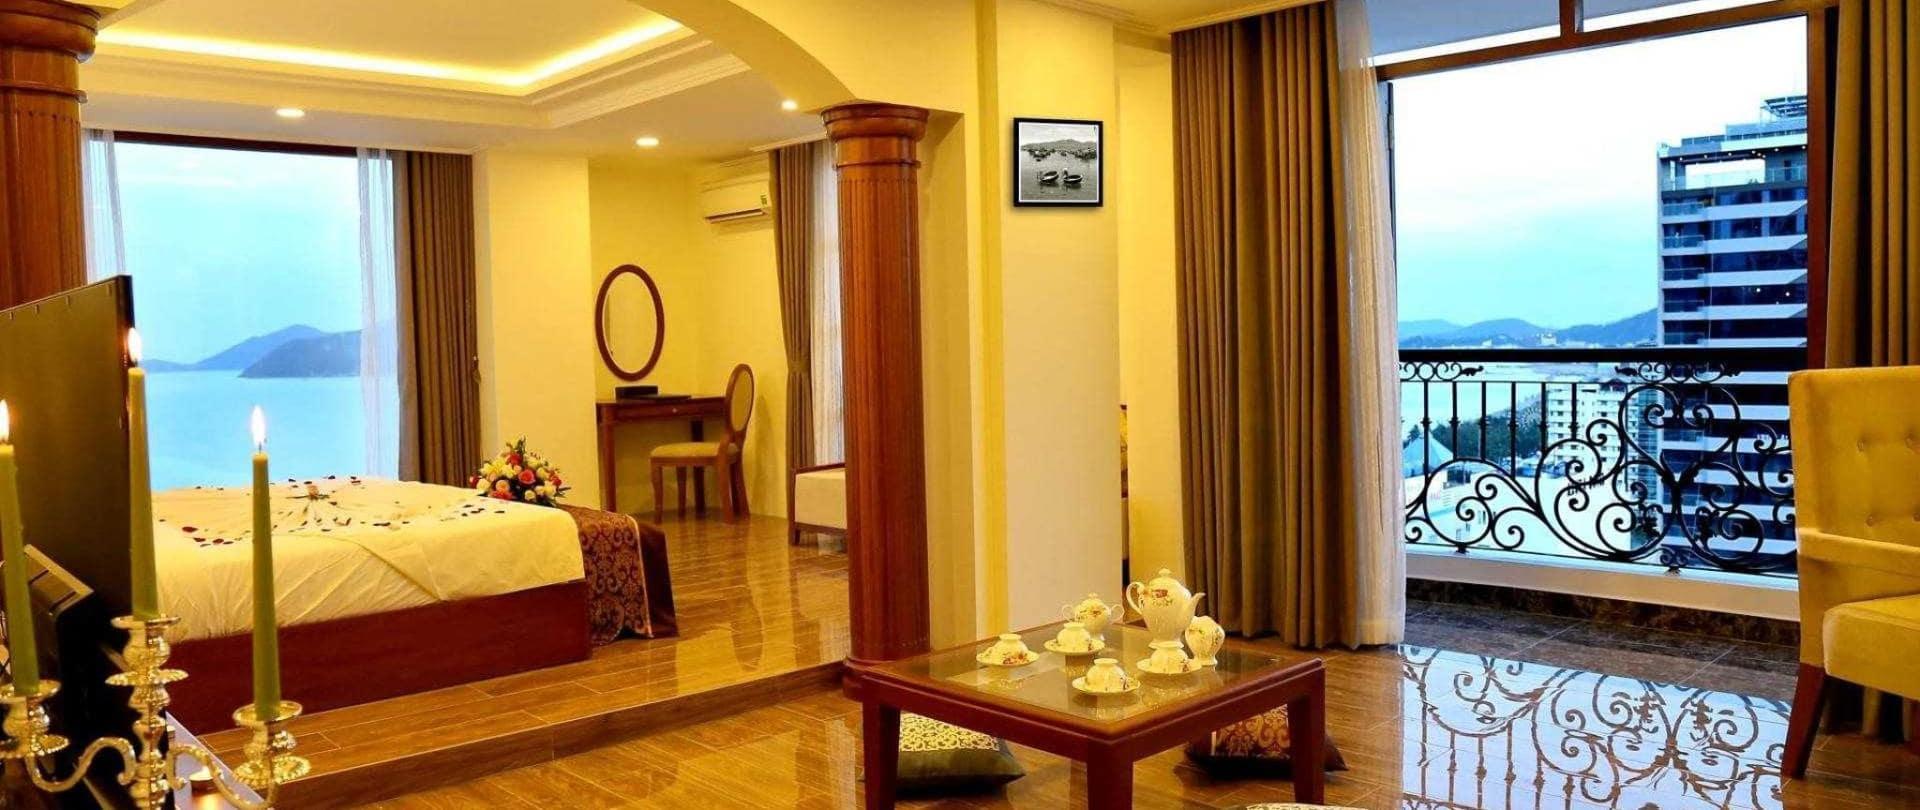 Khách Sạn Nha Trang Hướng Biển - Apus Hotel Nha Trang